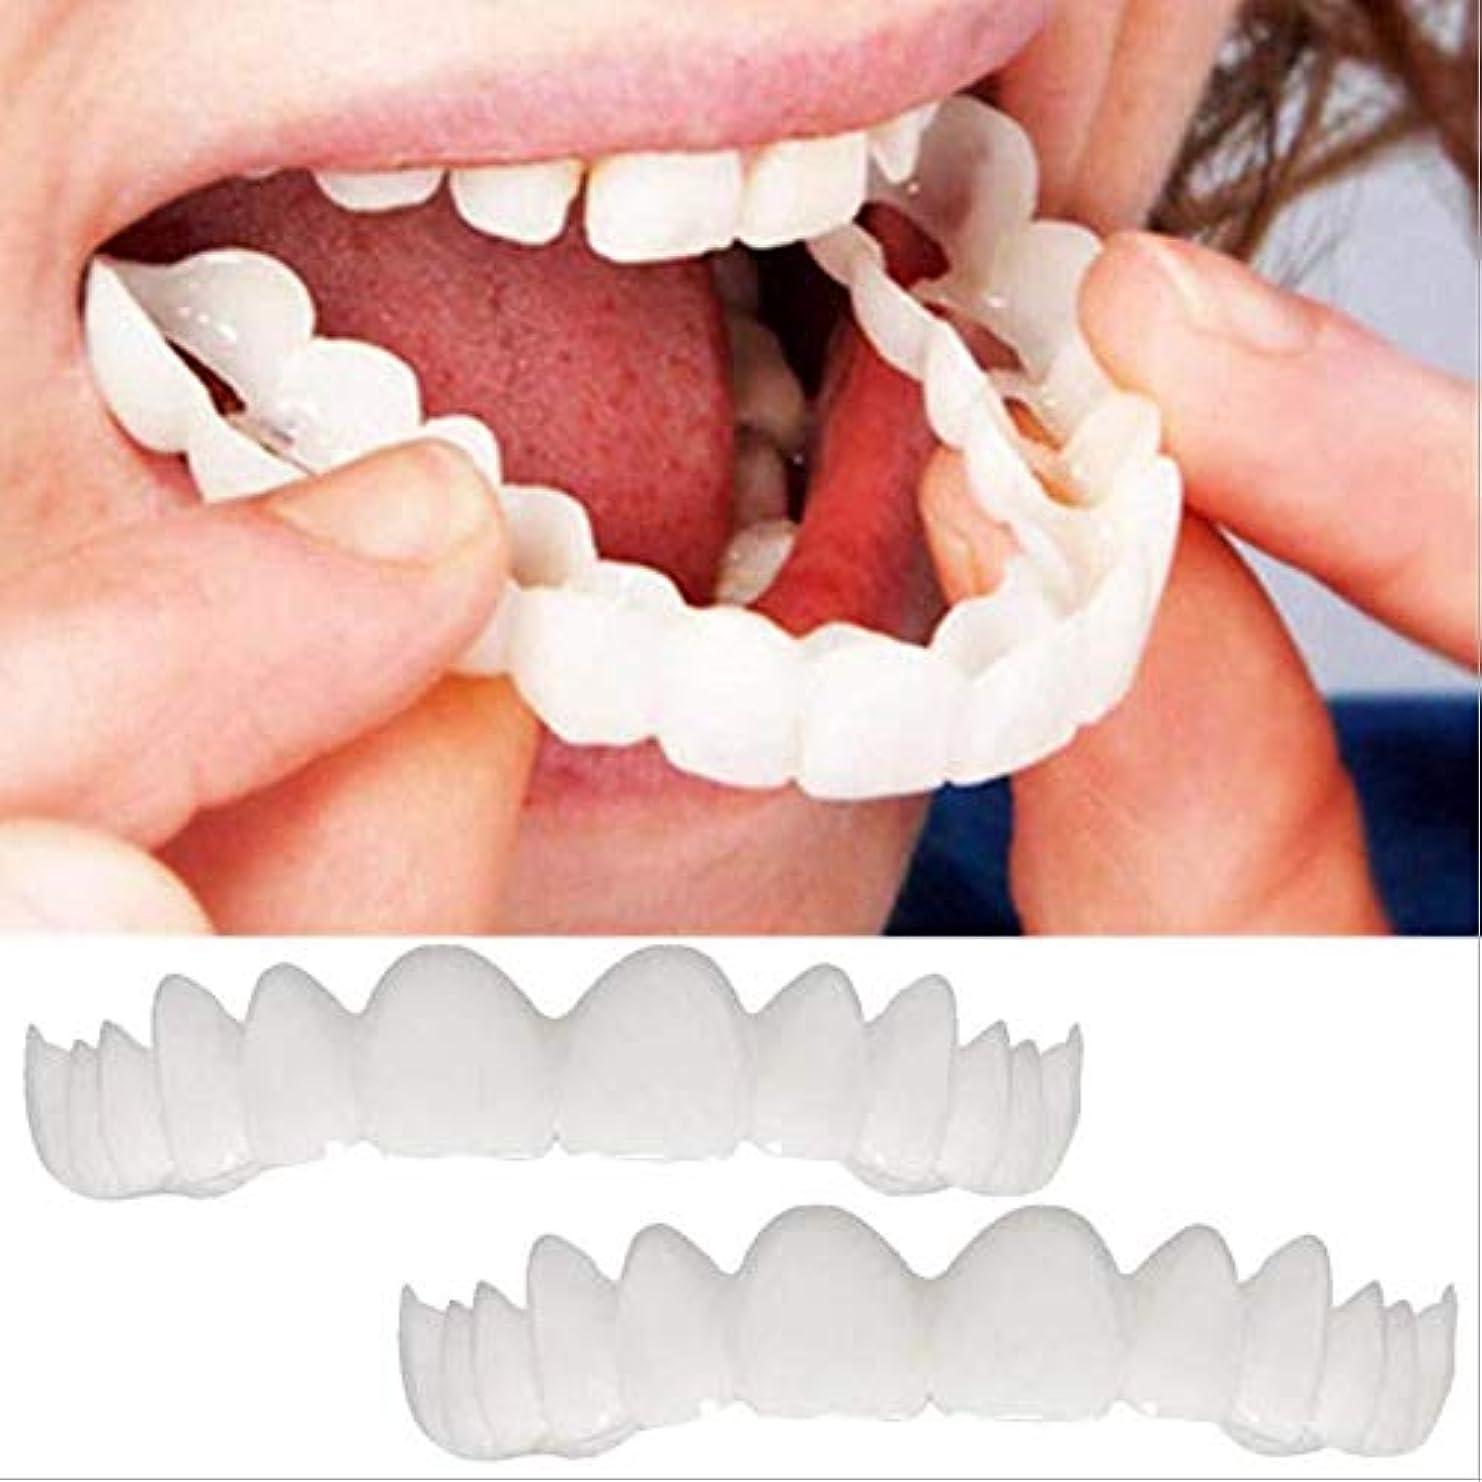 私たち検索エンジンマーケティング人差し指シリコーンシミュレーション義歯用化粧歯、白歯セット(2PCS)で覆われています,A